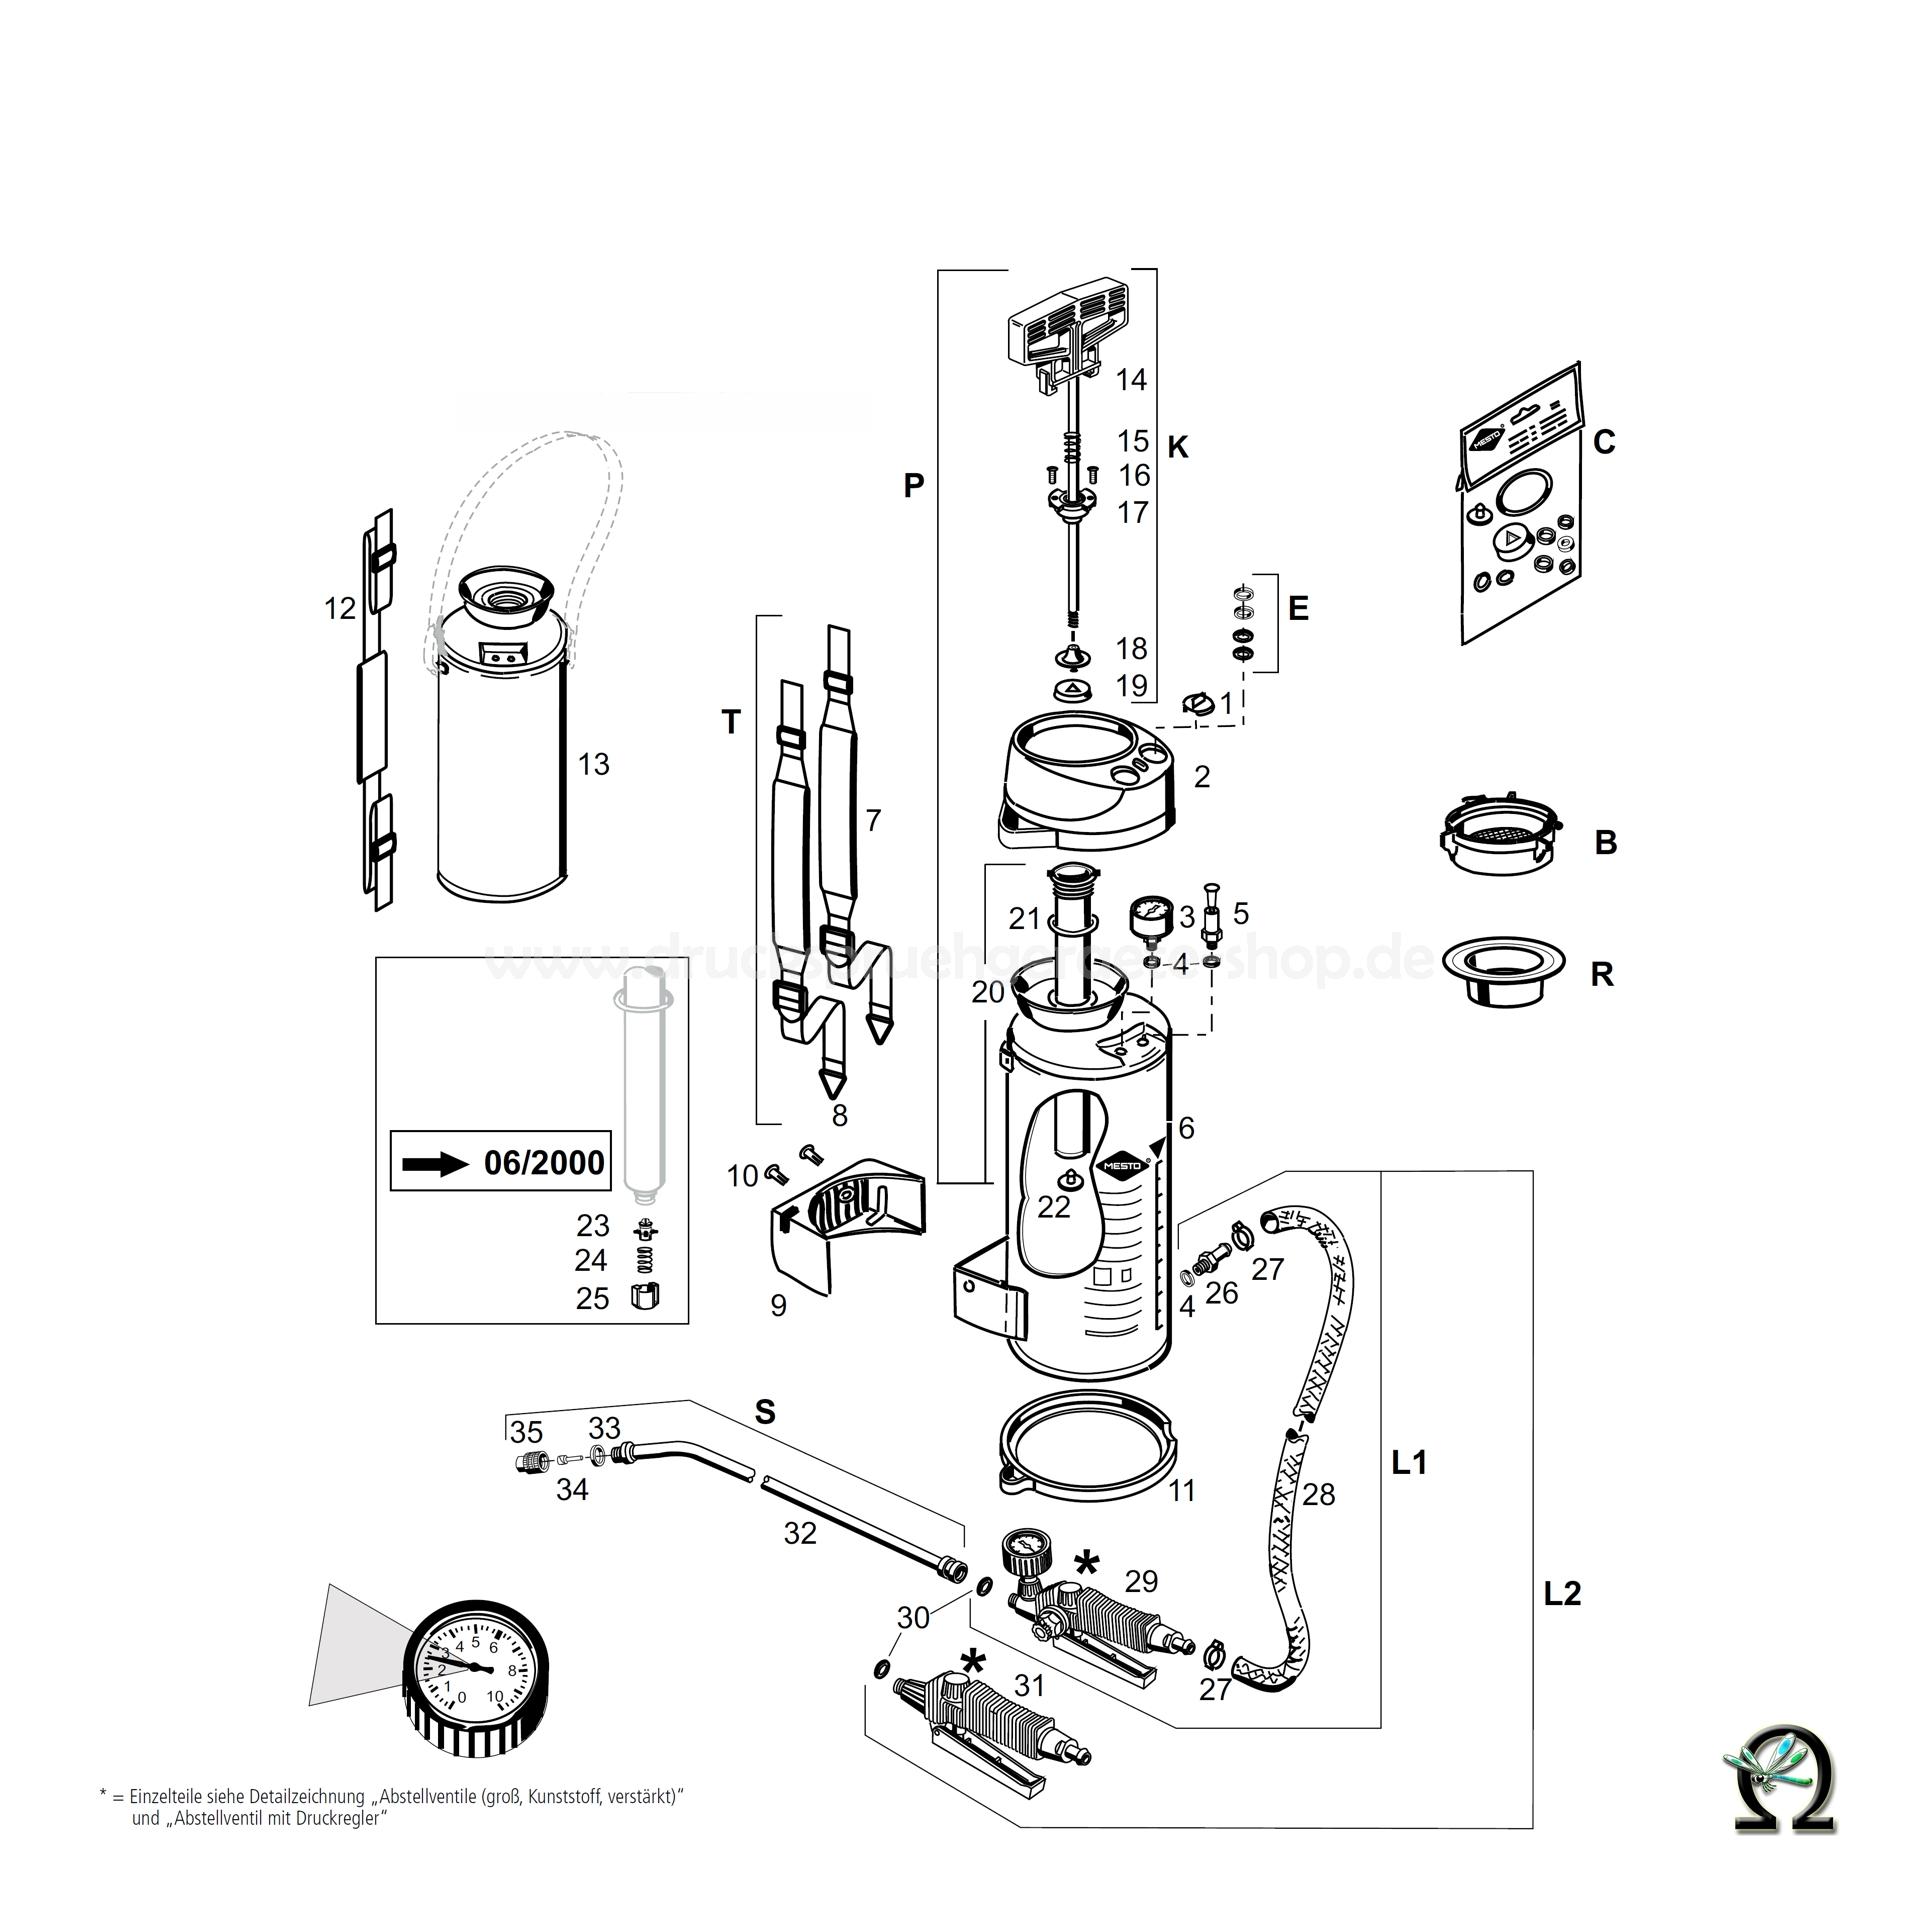 MESTO Hochdrucksprühgerät 3580G FERRUM - 10 Liter, Zeichnung der Einzelteile